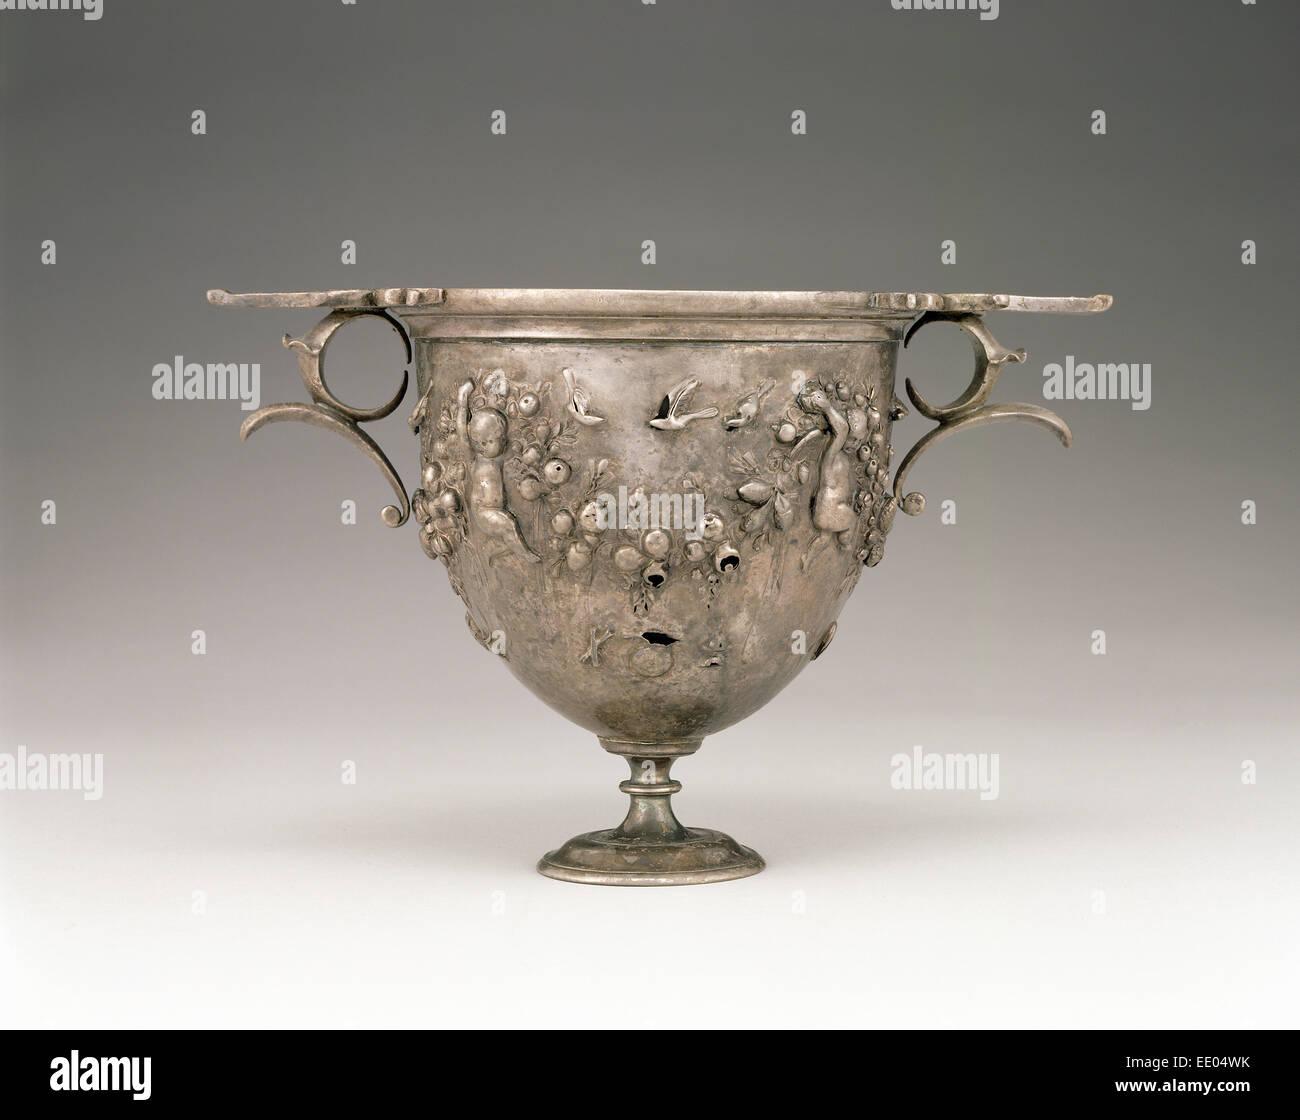 Skyphos; sconosciuta; Mediterraneo orientale; 50 - 25 A.C.; argento Immagini Stock